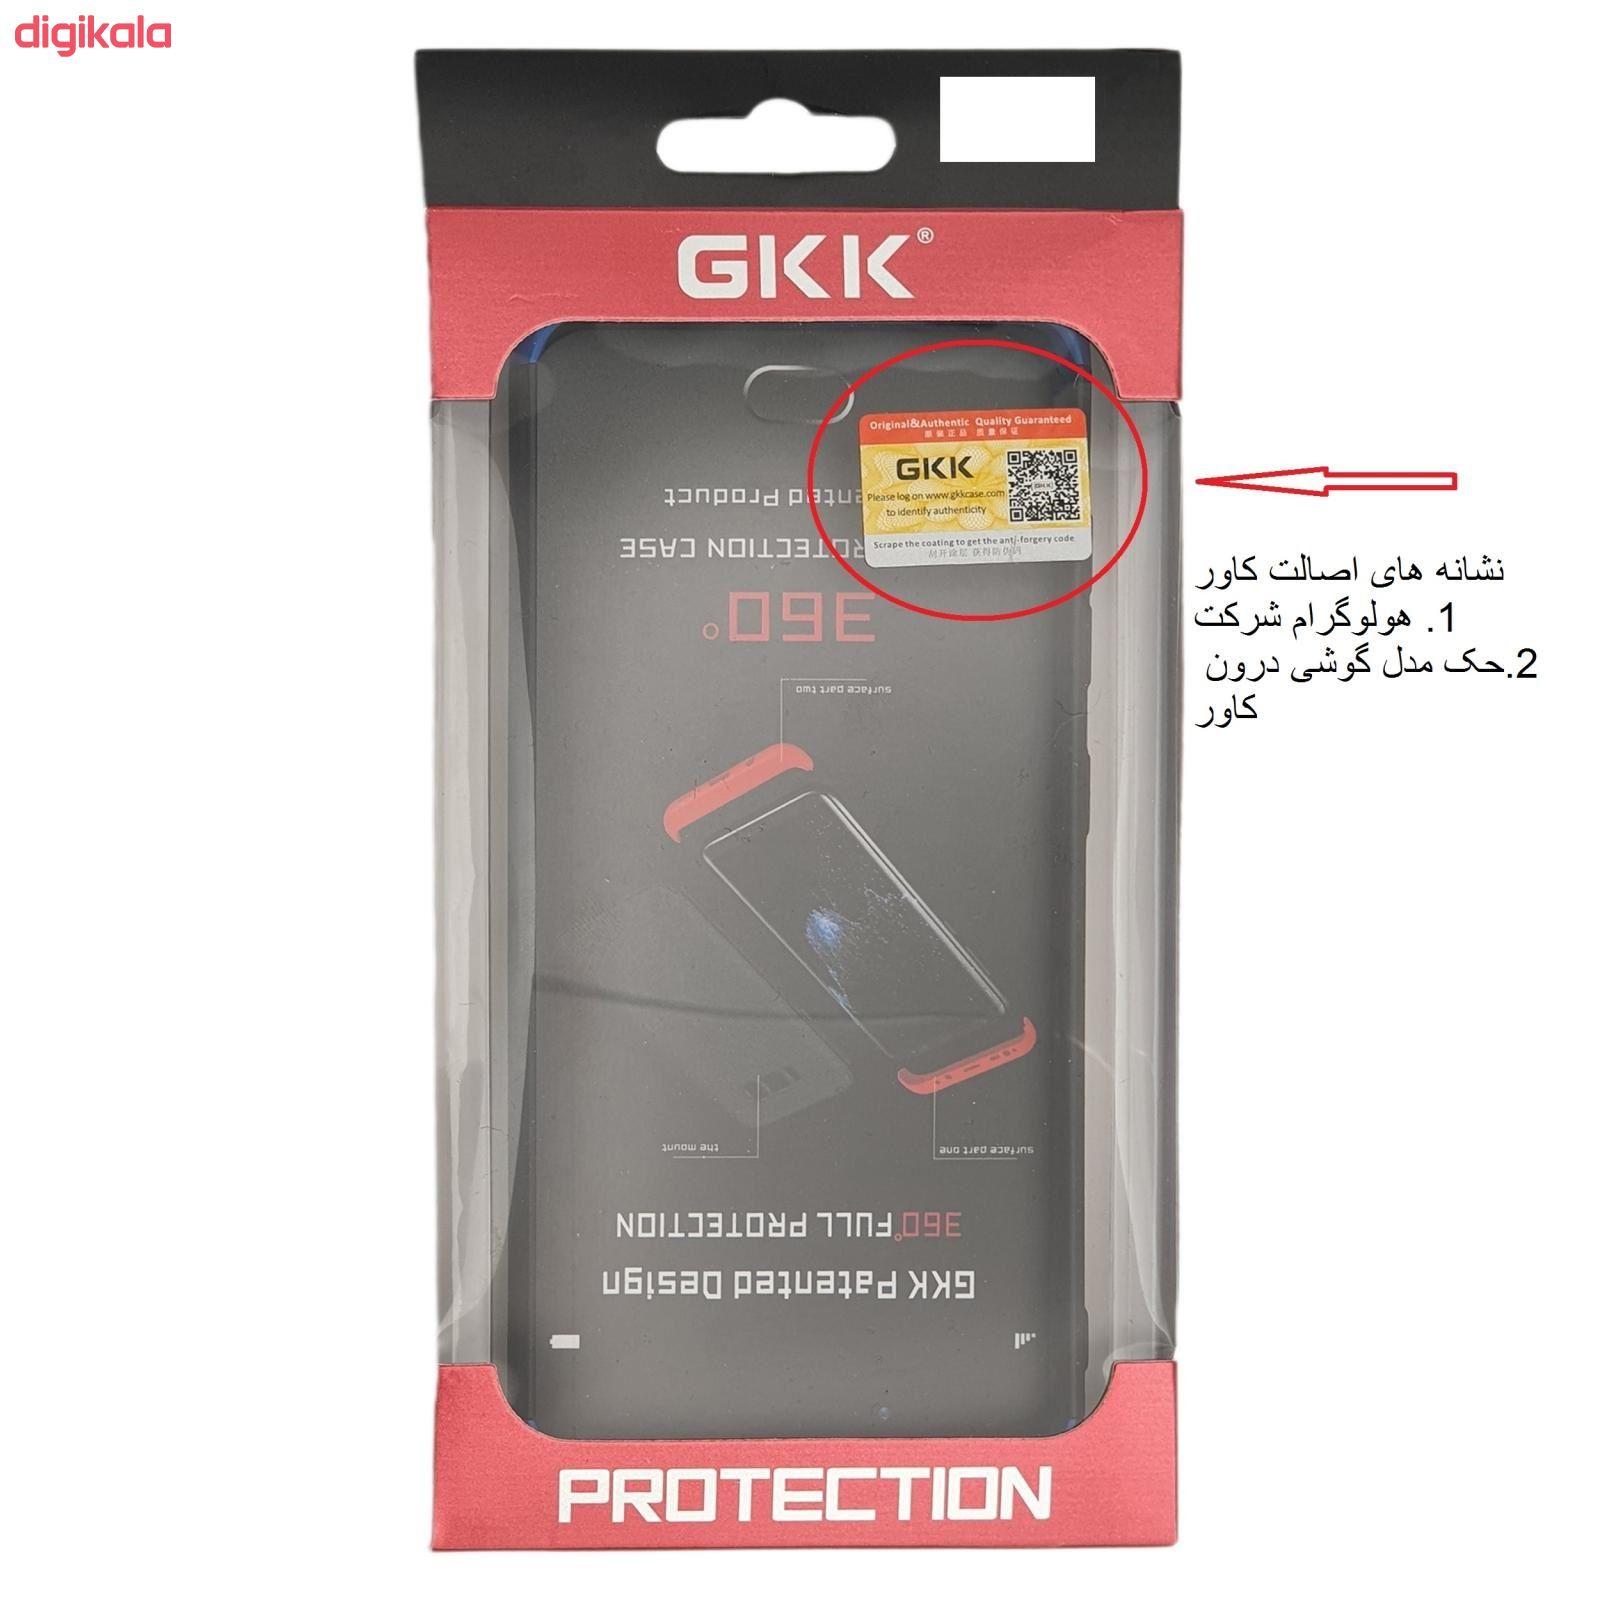 کاور 360 درجه جی کی کی مدل GK-NOTE9PRO-9S مناسب برای گوشی موبایل شیائومی REDMI NOTE 9S/REDMI NOTE 9 PRO main 1 16